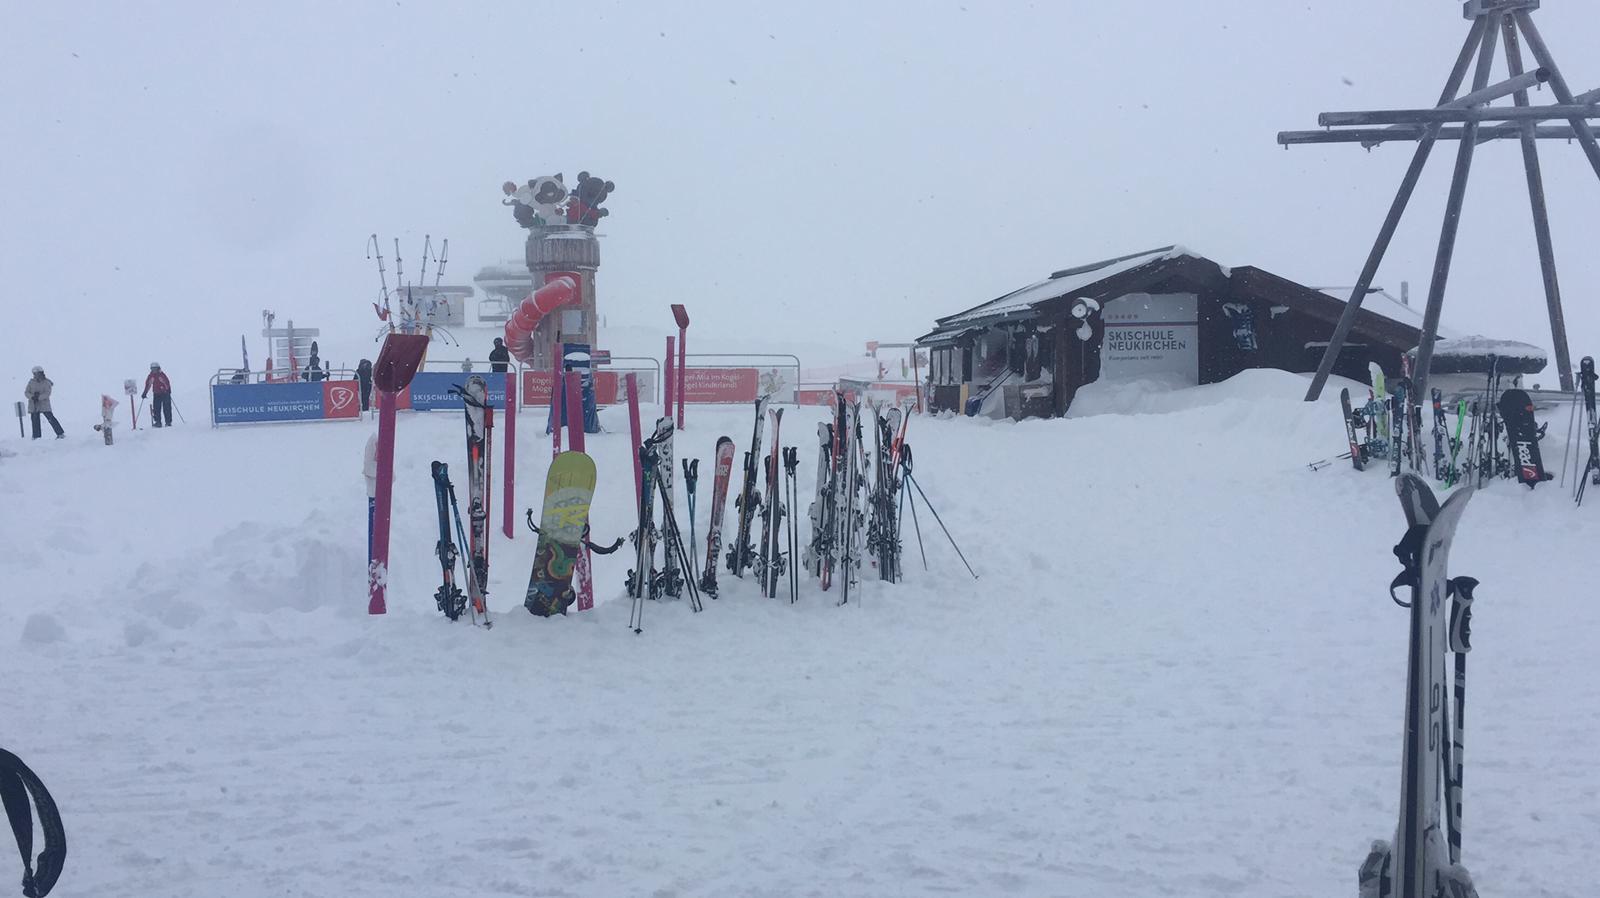 Aan sneeuw geen gebrek in Neukirchen am Grossvenediger.